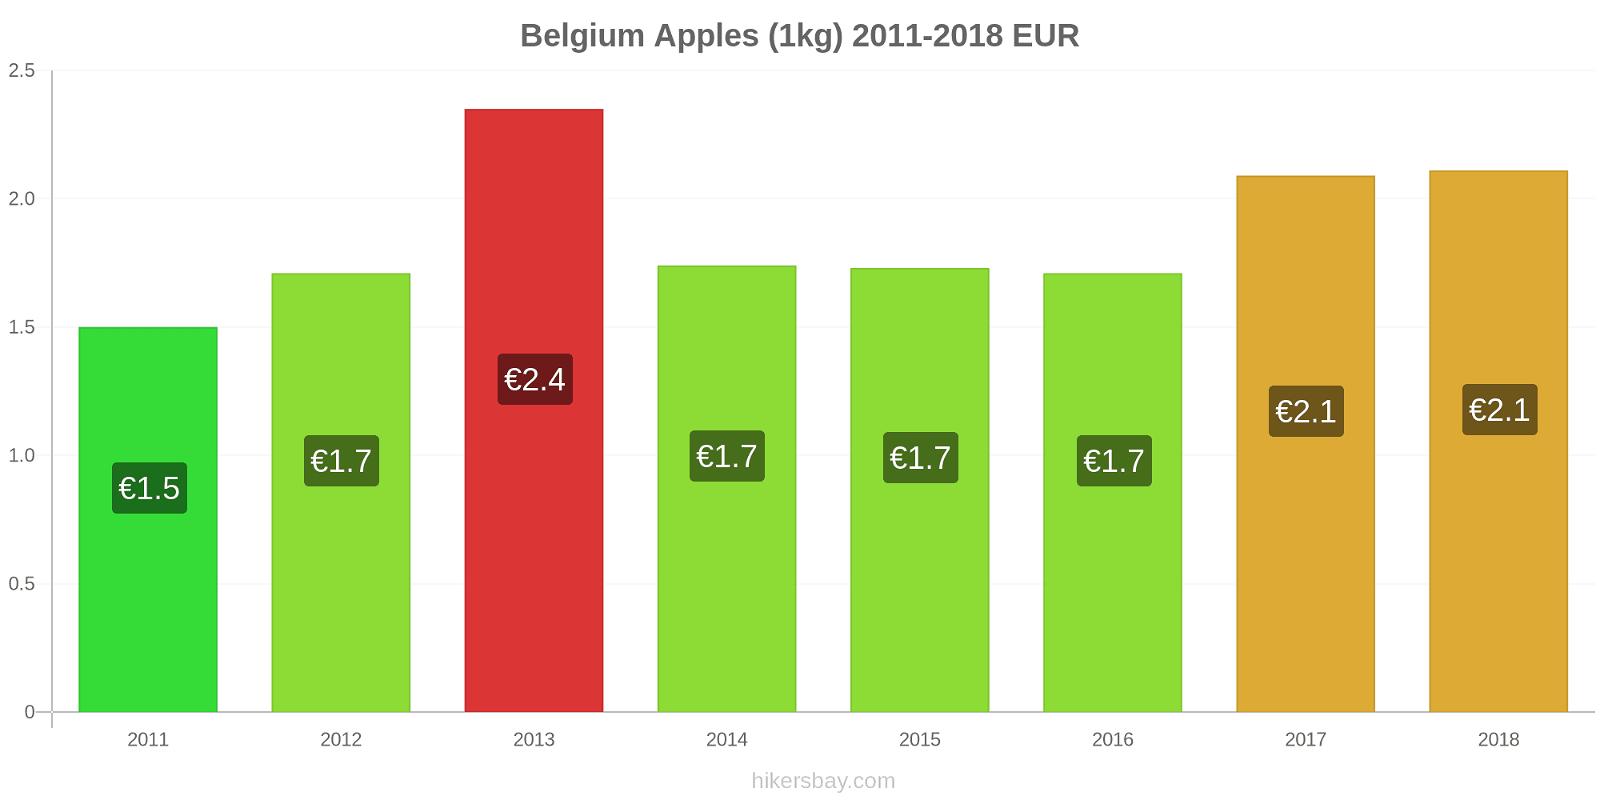 Belgium price changes Apples (1kg) hikersbay.com